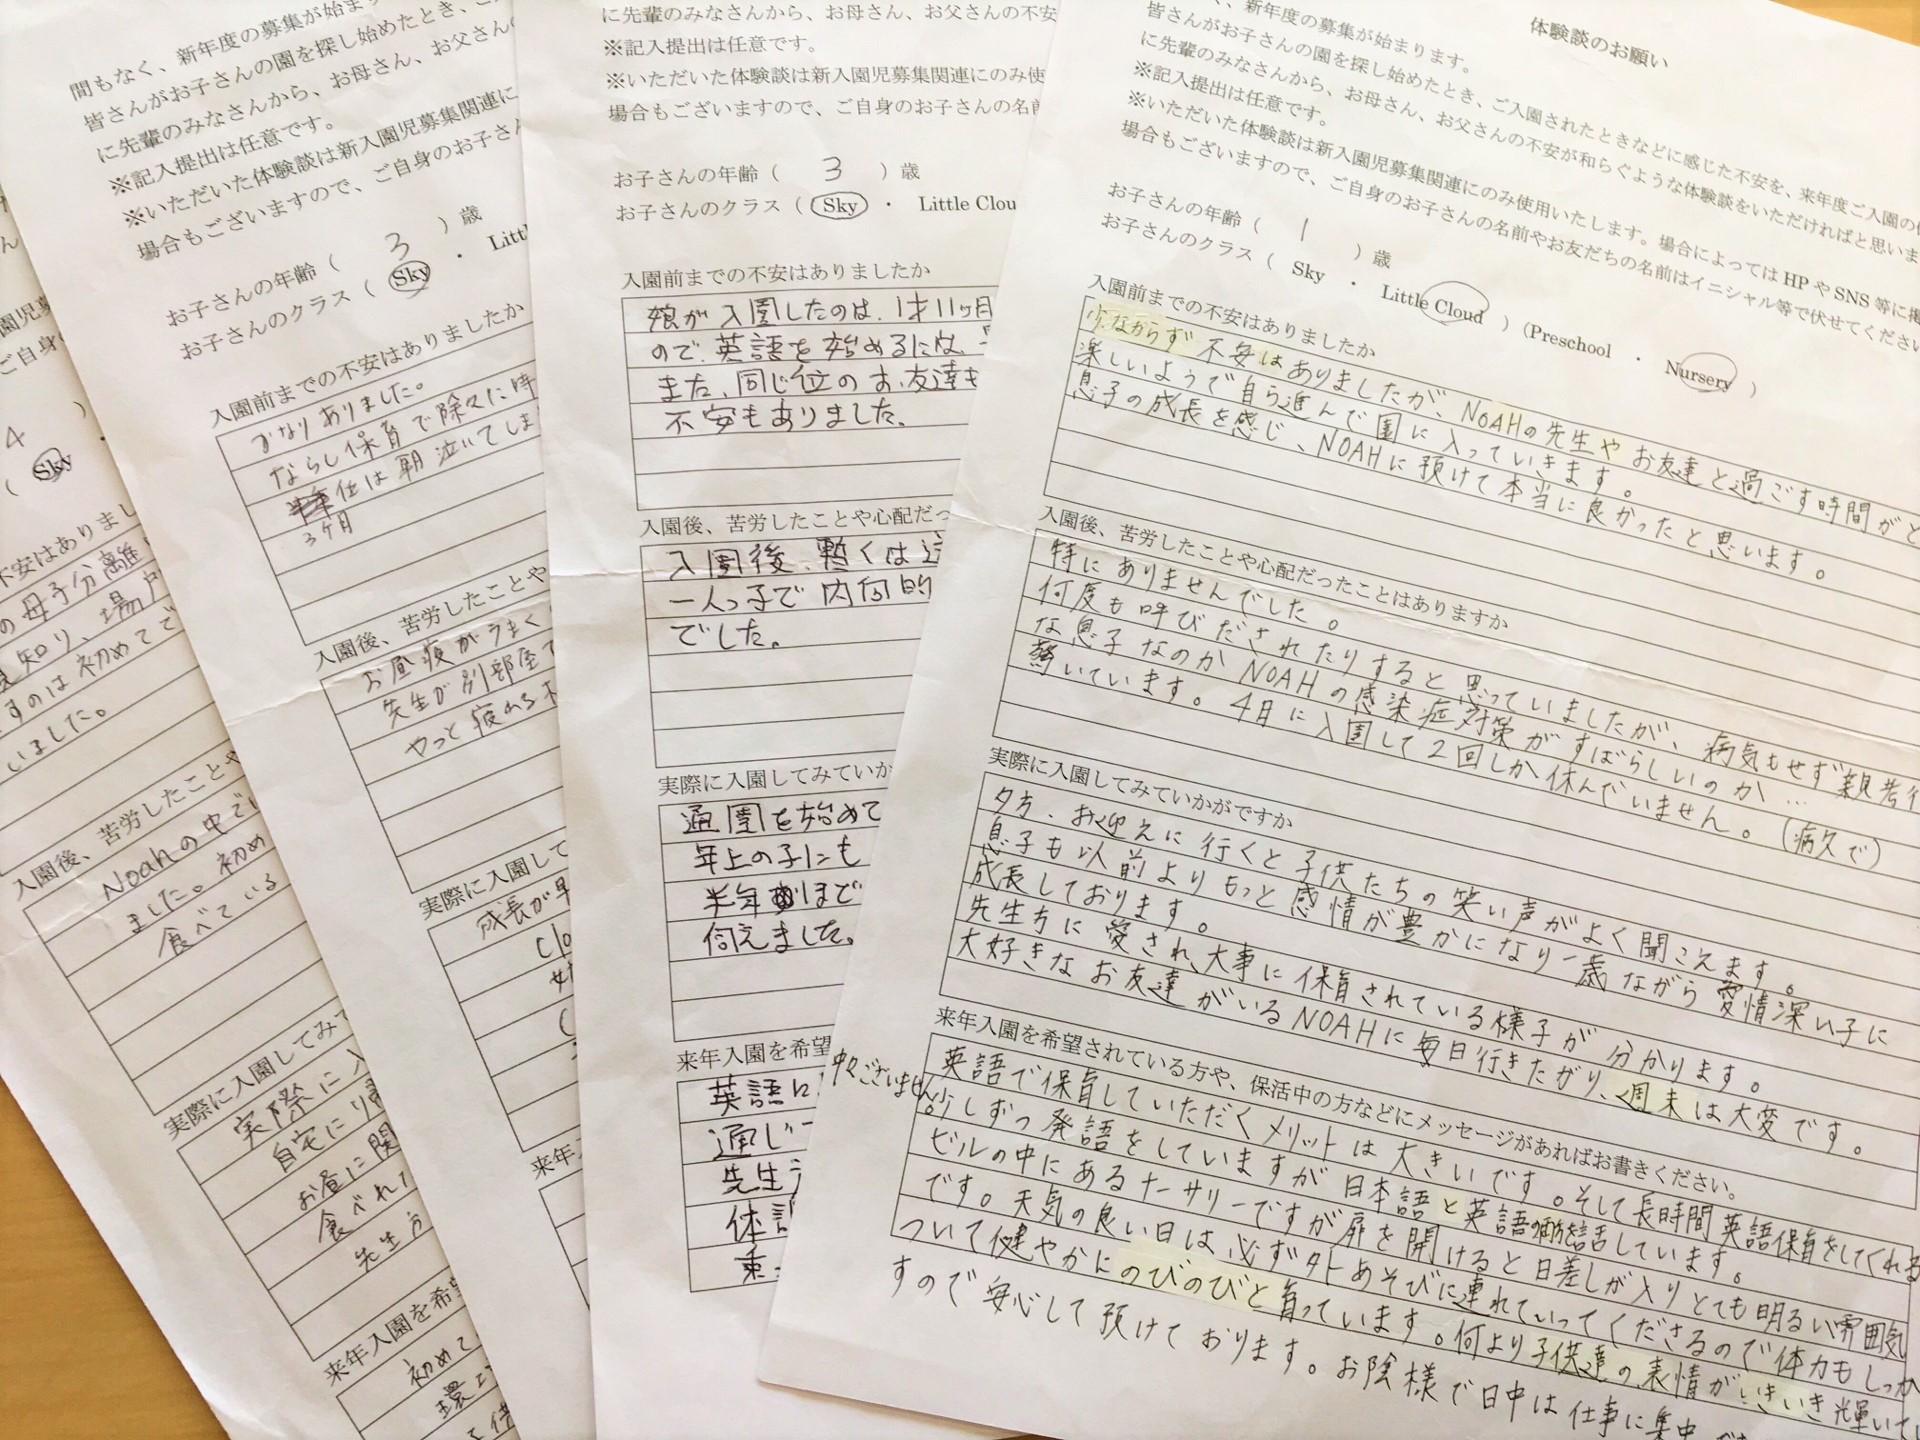 ABEC7BE5-127D-4CE4-A75A-7C585C46EB94